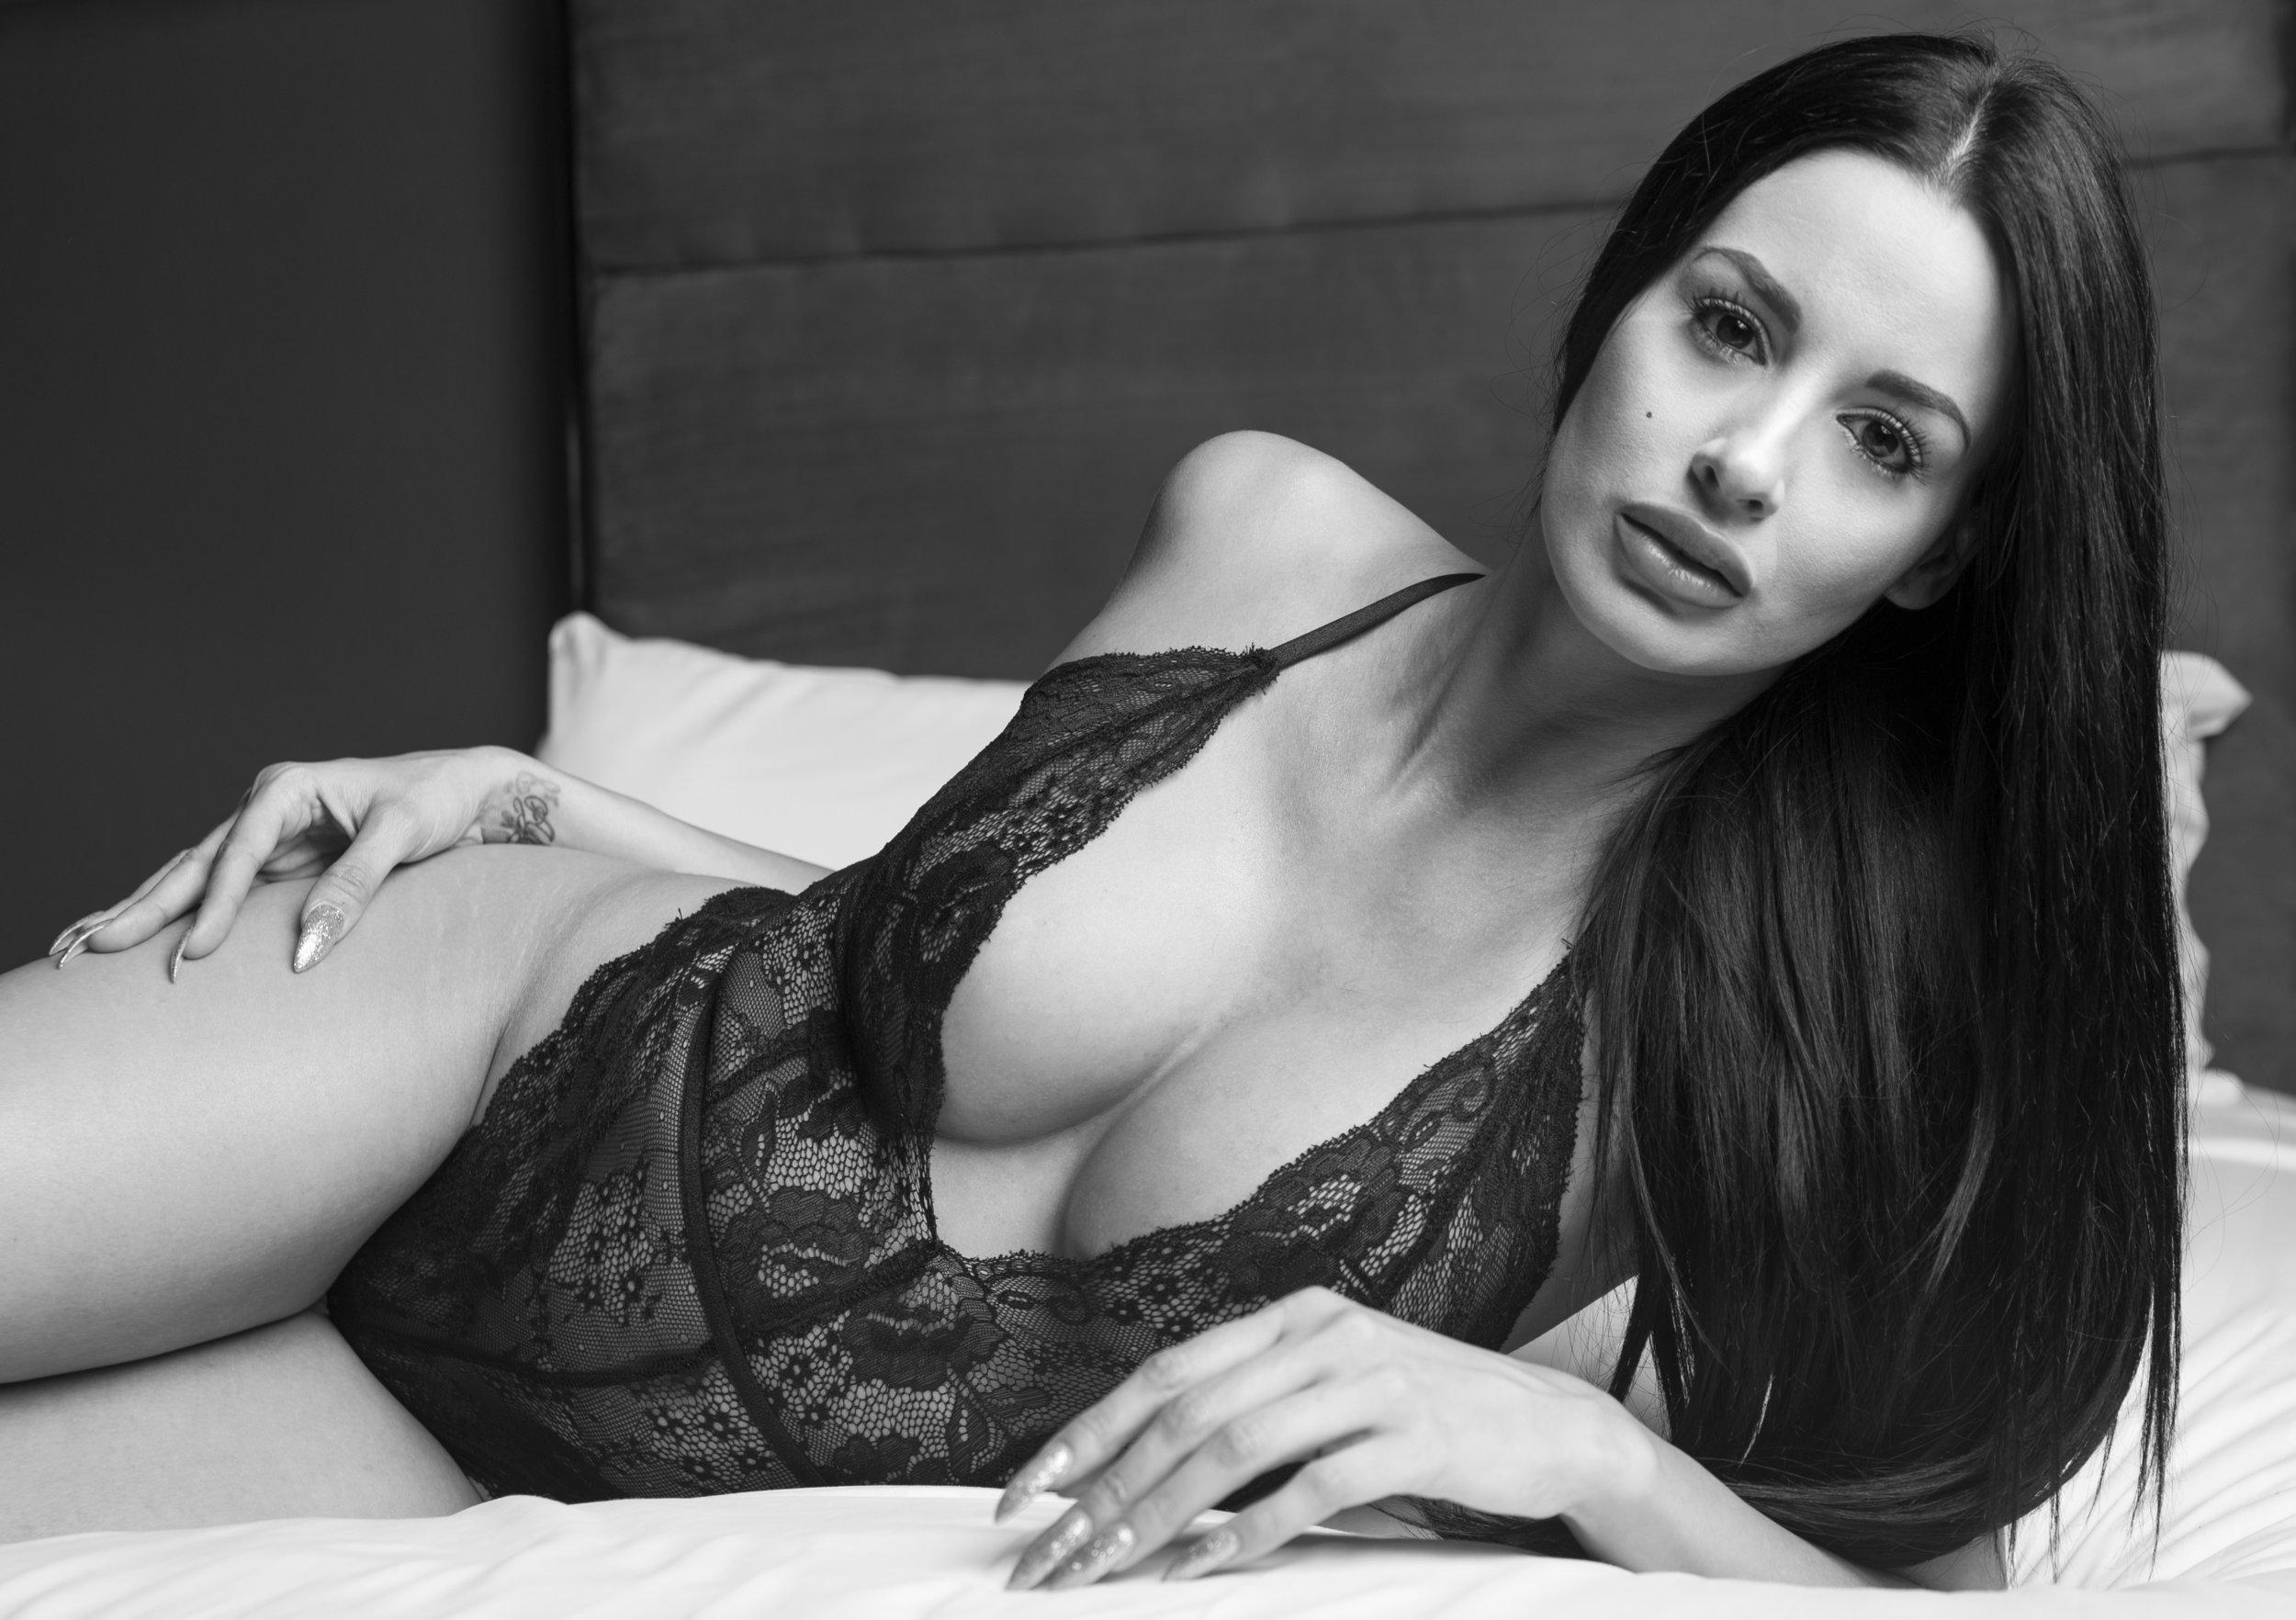 las_vegas_boudoir_photography_casey_jade_rumor_model